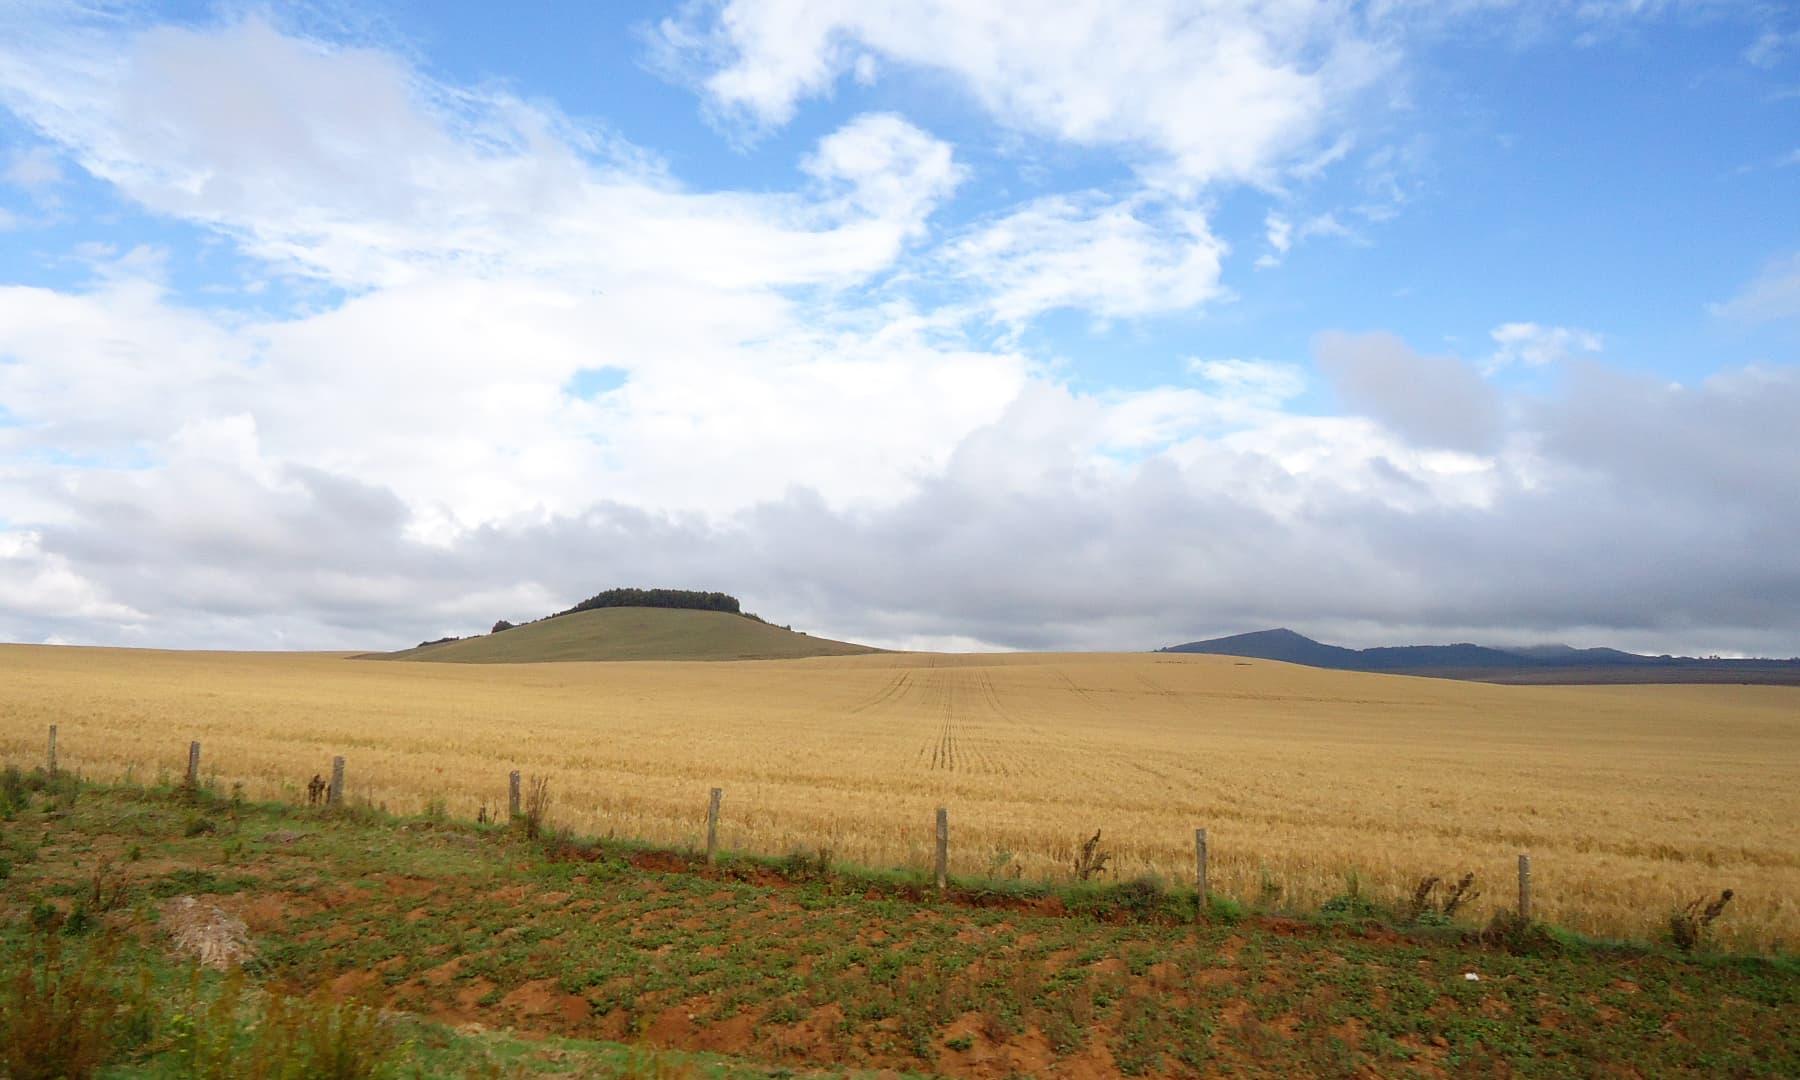 وسطی کینیا زیادہ تر پہاڑی علاقہ ہے۔ سرسبز اور شاداب کھیت یہاں کی خوبصورتی کو مزید دوبالا کرتے ہیں— فوٹو عظمت اکبر